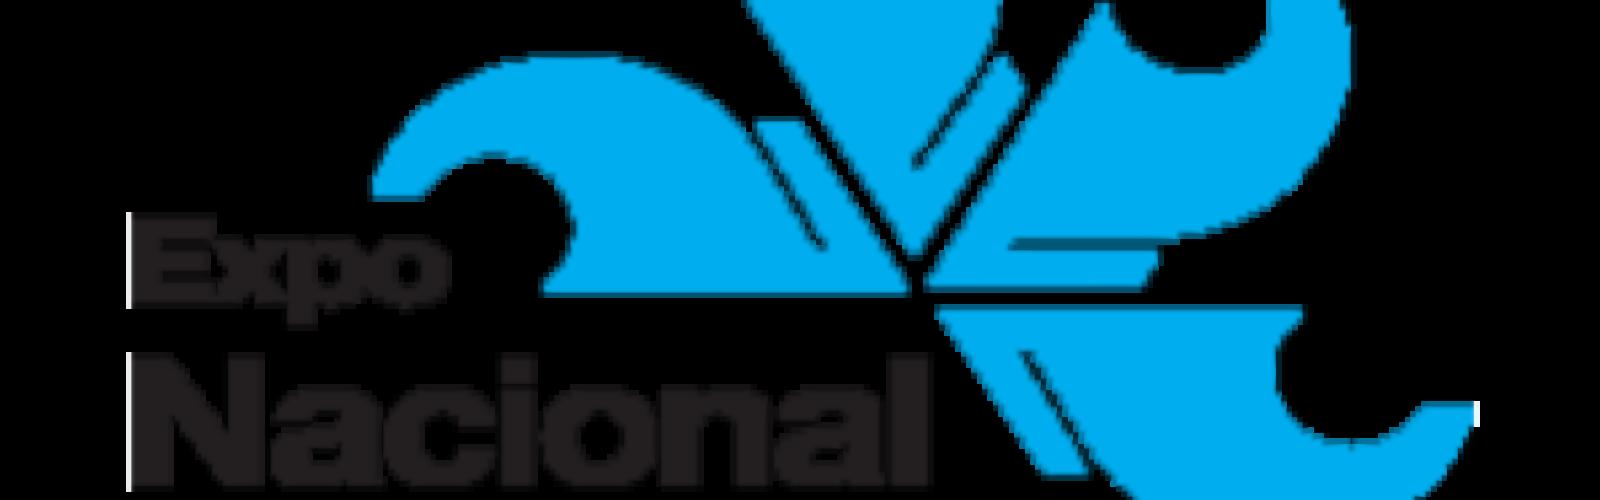 Expo Nacional Ferretera 2020 (Cancelado)